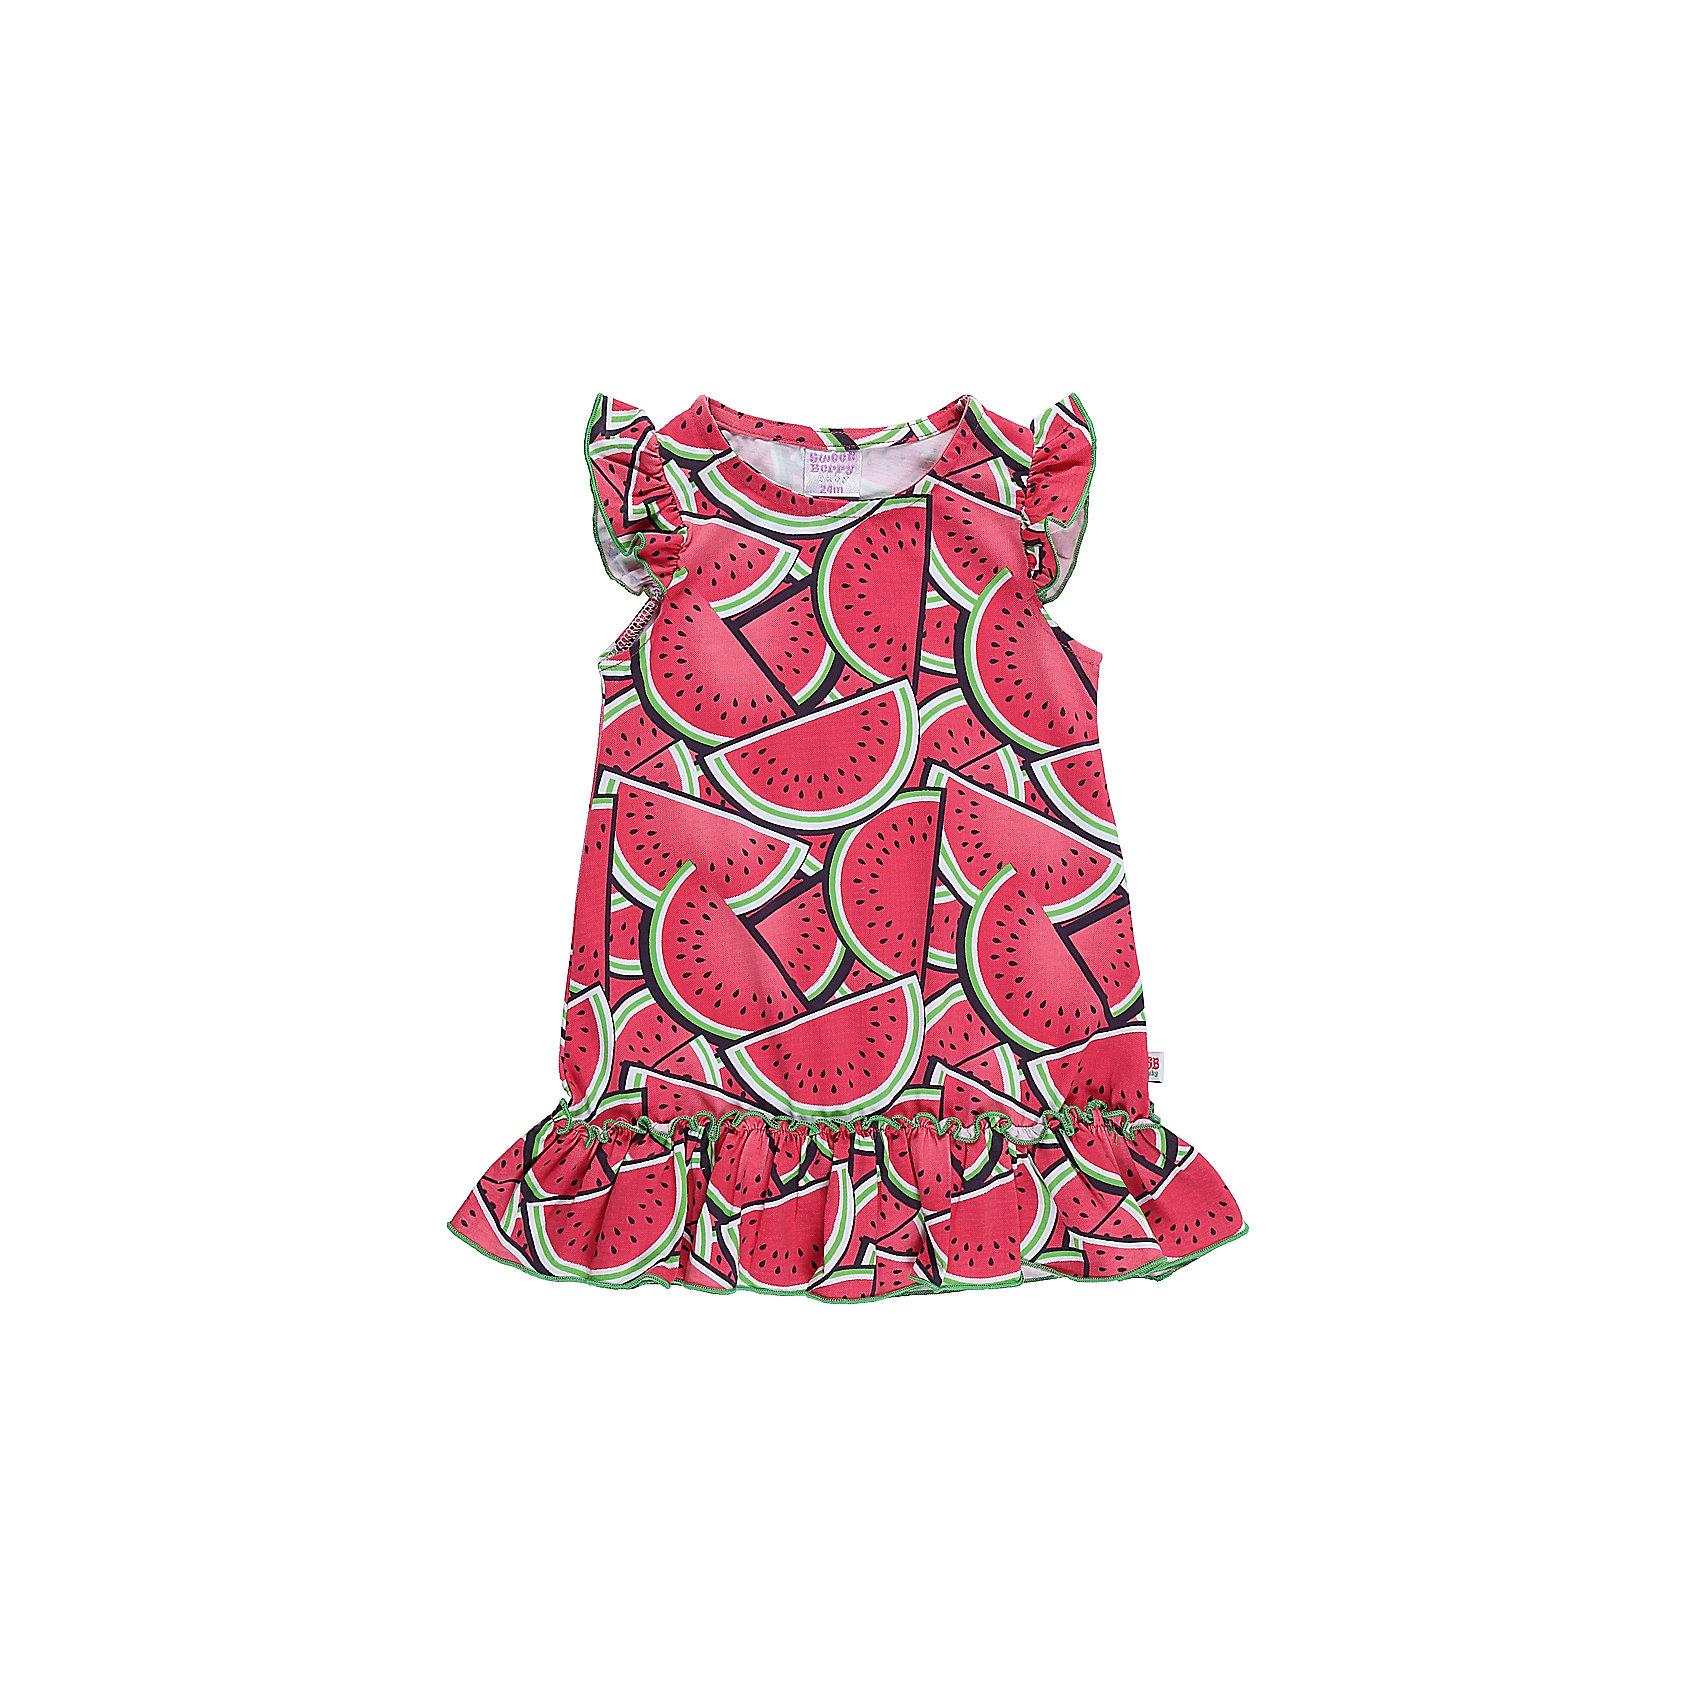 Платье для девочки Sweet BerryПлатья<br>Модное трикотажное платье для девочки с фруктовым принтом. Рукава крылышки. Свободный крой.<br>Состав:<br>95%хлопок 5%эластан<br><br>Ширина мм: 236<br>Глубина мм: 16<br>Высота мм: 184<br>Вес г: 177<br>Цвет: фиолетовый<br>Возраст от месяцев: 12<br>Возраст до месяцев: 15<br>Пол: Женский<br>Возраст: Детский<br>Размер: 80,86,92,98<br>SKU: 5411372